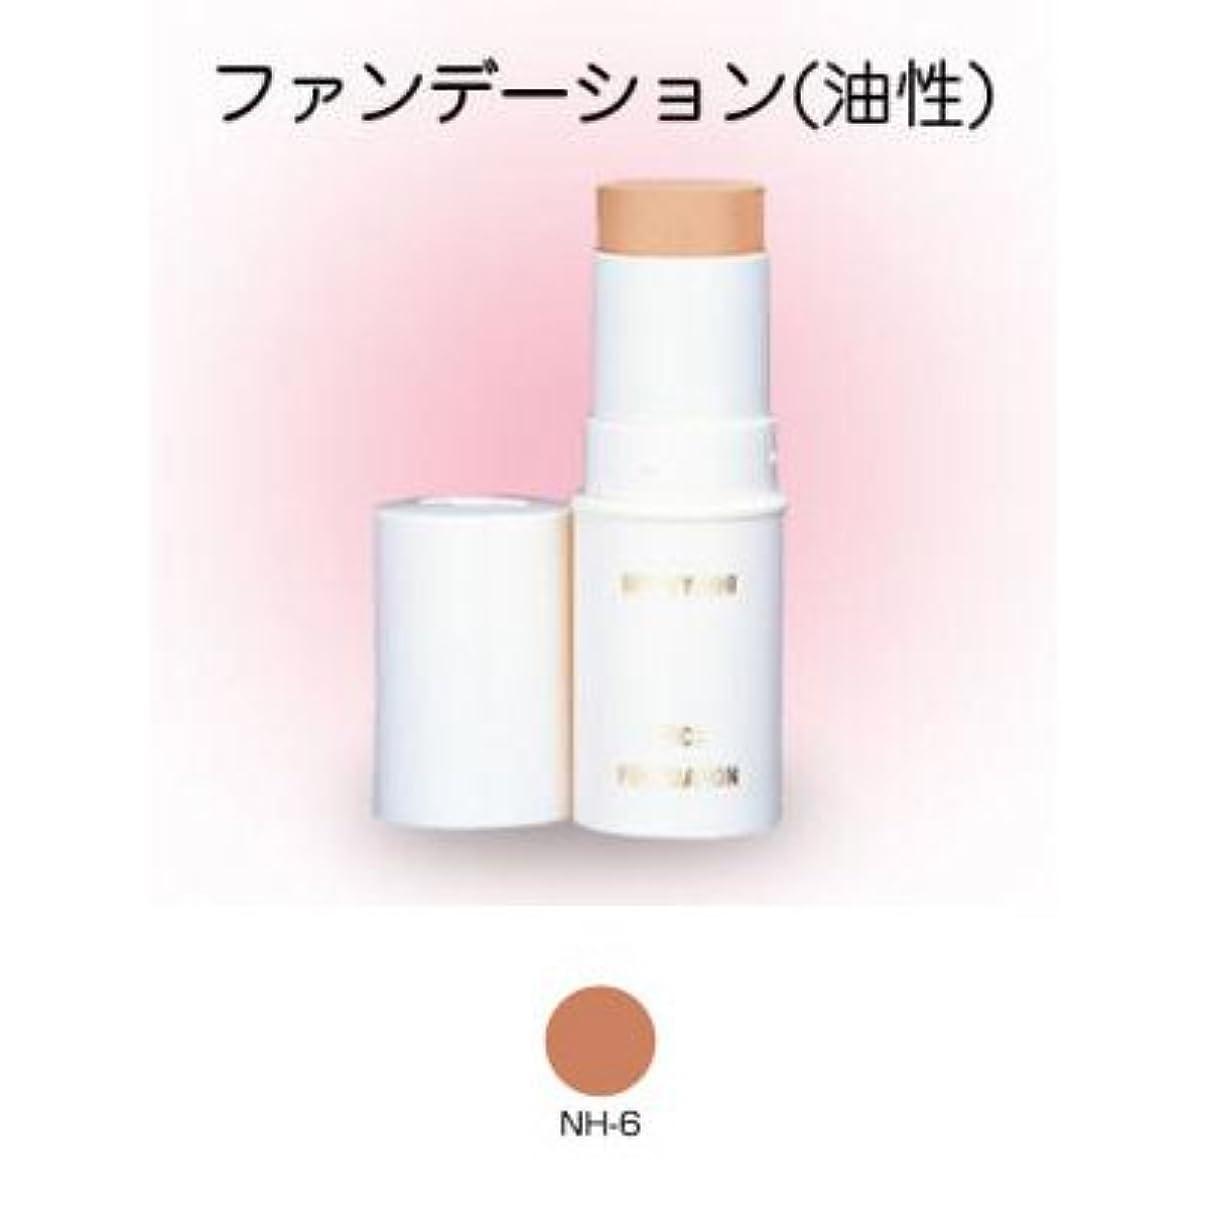 スティックファンデーション 16g NH-6 【三善】